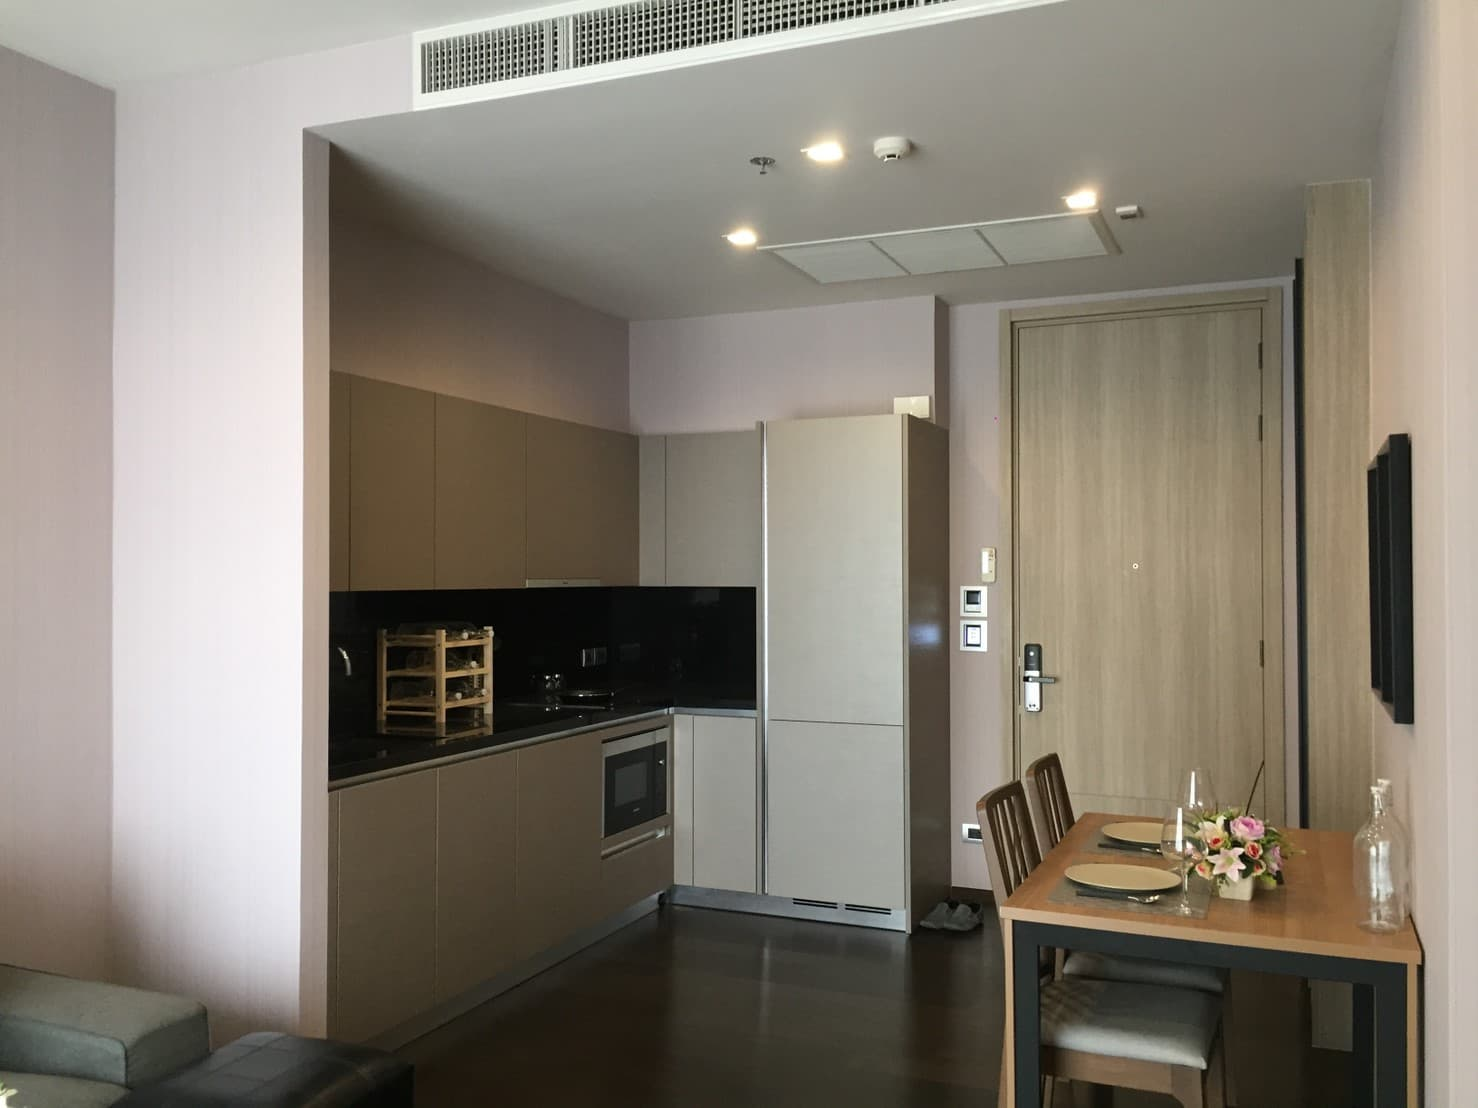 ให้เช่า THE XXXIX SUKHUMVIT 39 1 ห้องนอน 1ห้องน้ำ ขนาด 50 ตรม. ใกล้ BTS สถานีพร้อมพงษ์